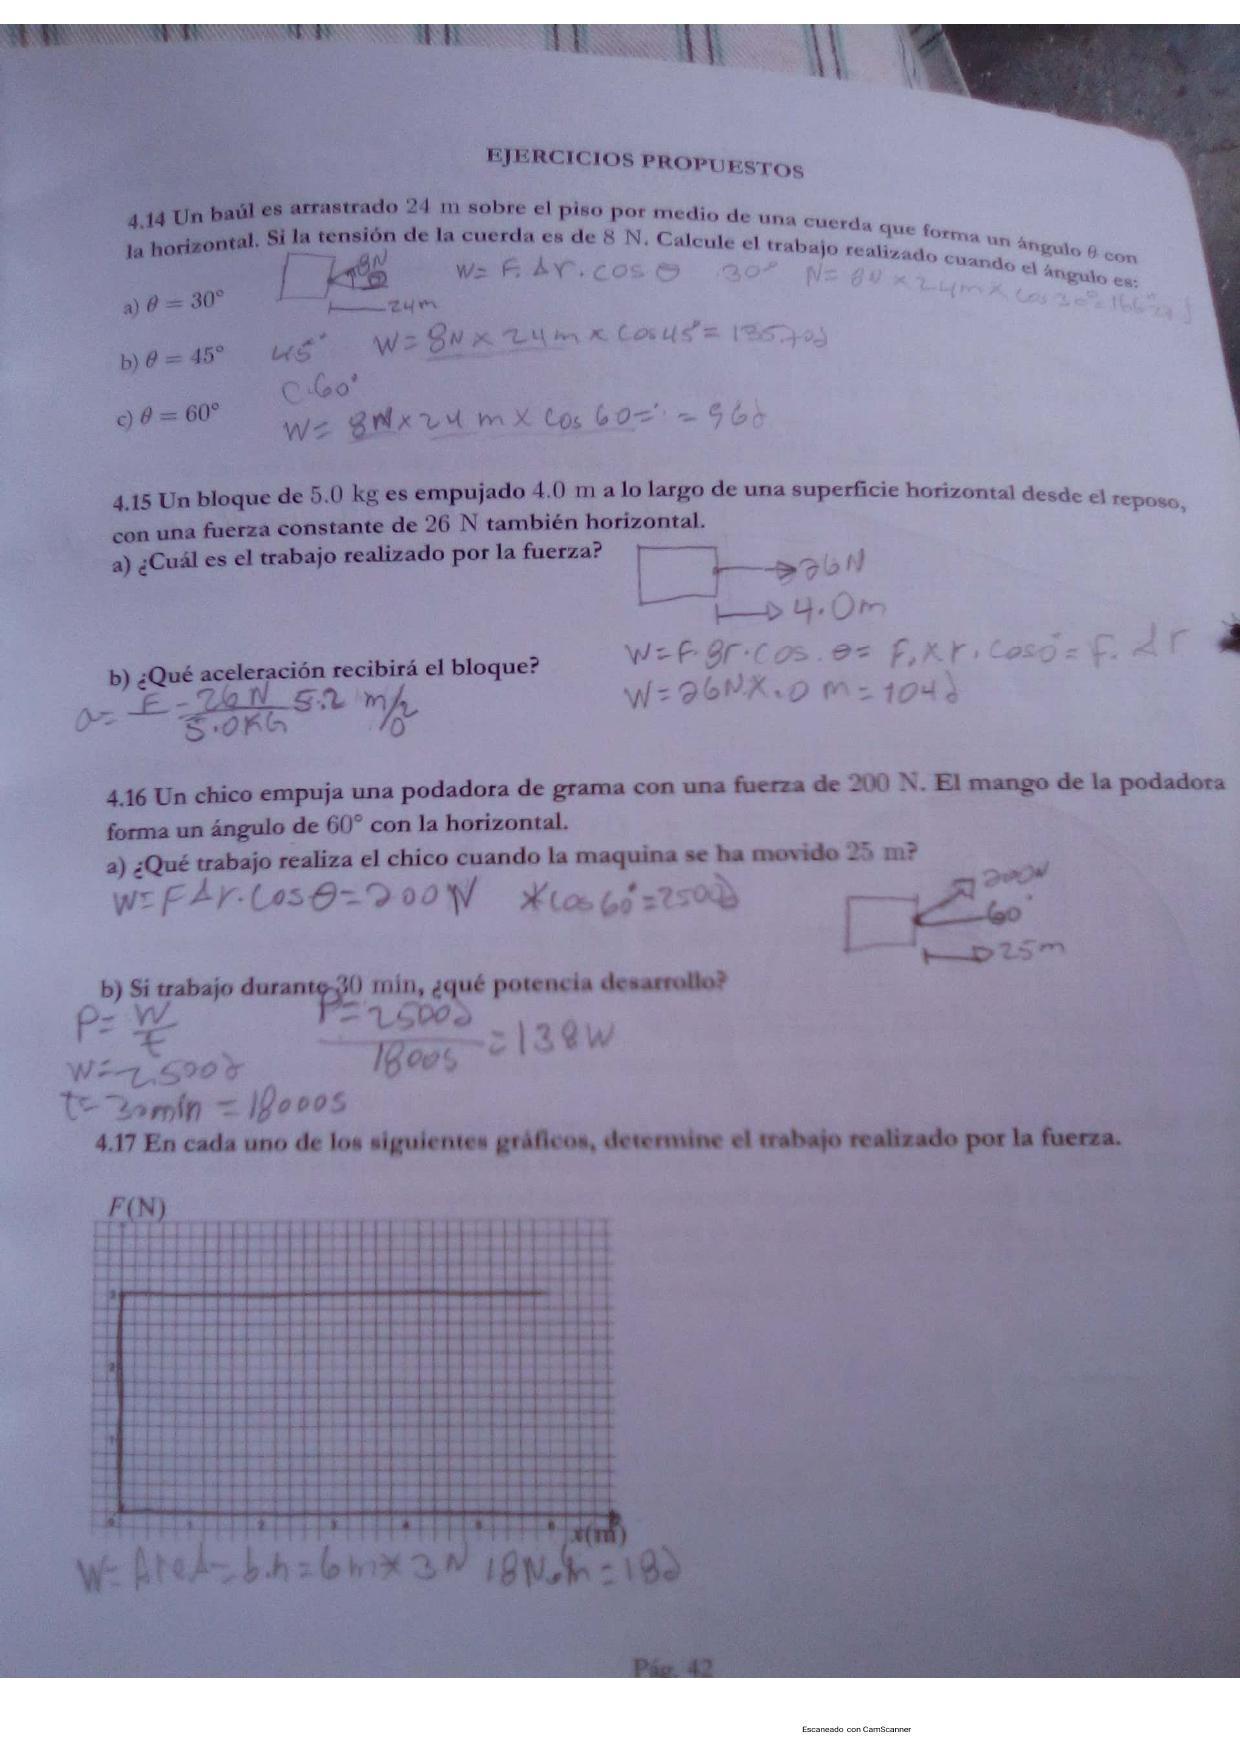 cuaderno-de-trabajo-f-sica-b-sica-page-0041